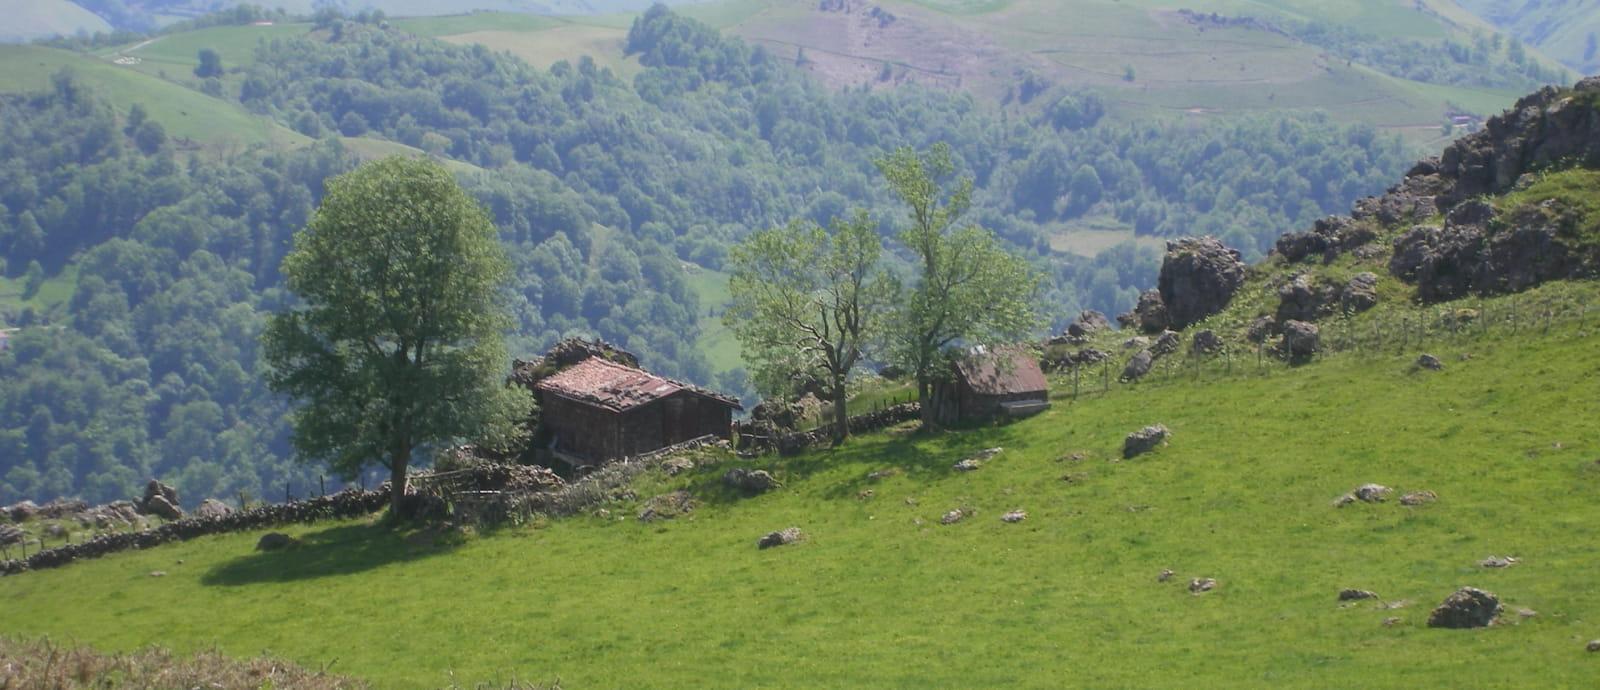 cayolar (maison de bergers) dans les montagnes au dessus d esterencuby - pays basque